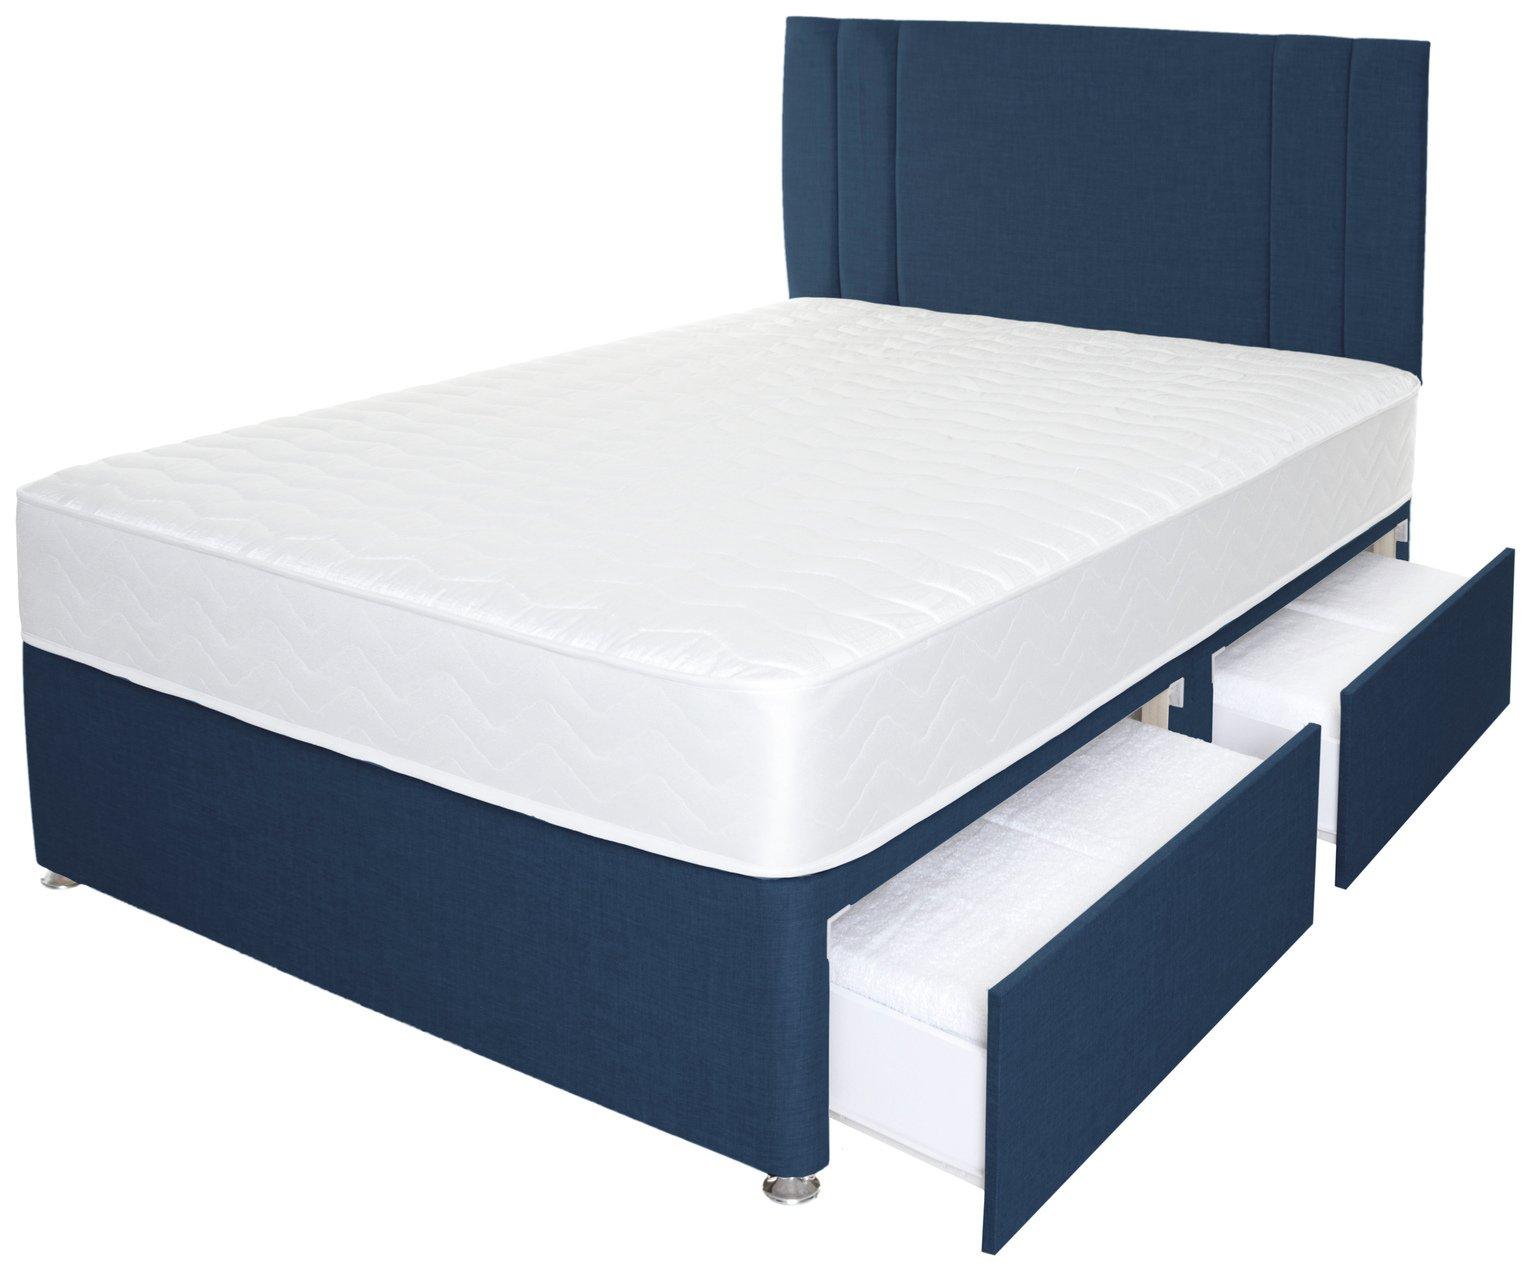 Airpsrung Henlow 1200 Mem  4Drw Divan Bed & Headboard - Blue at Argos